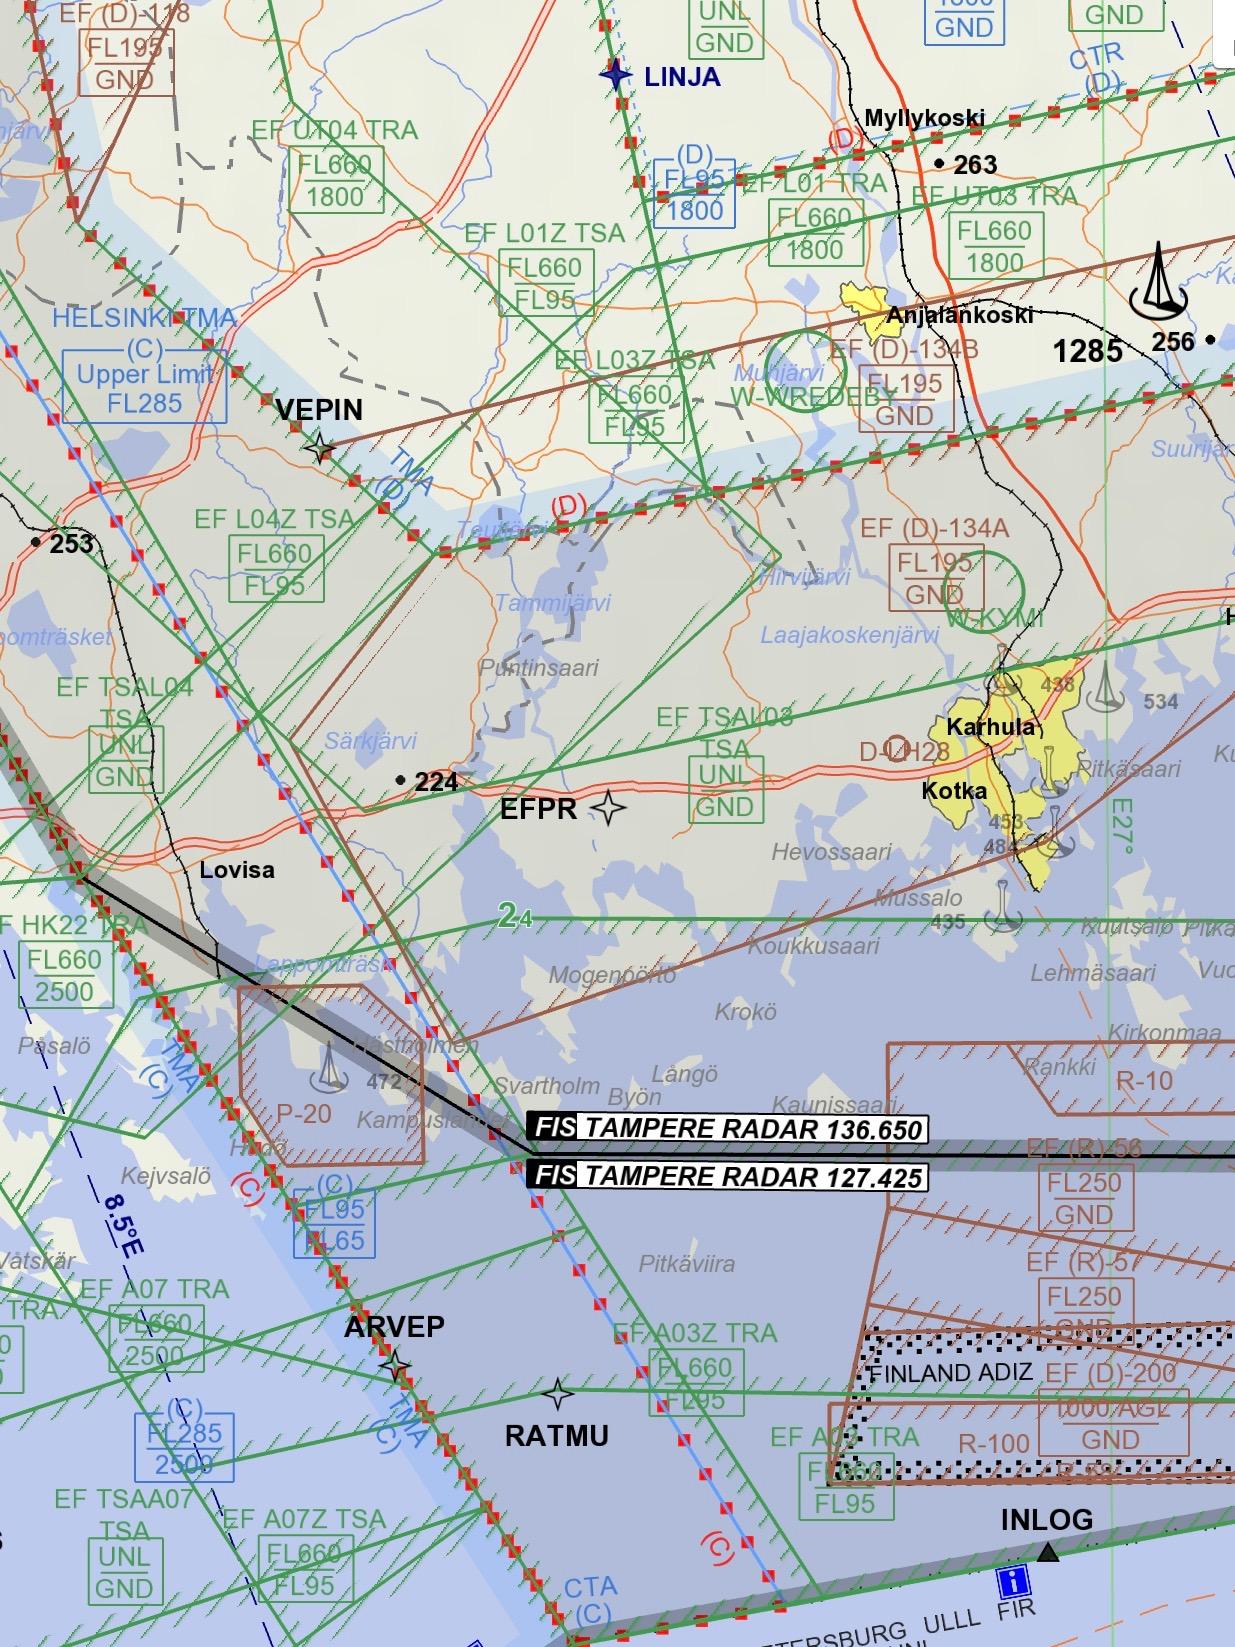 ilmatilakartta.jpg